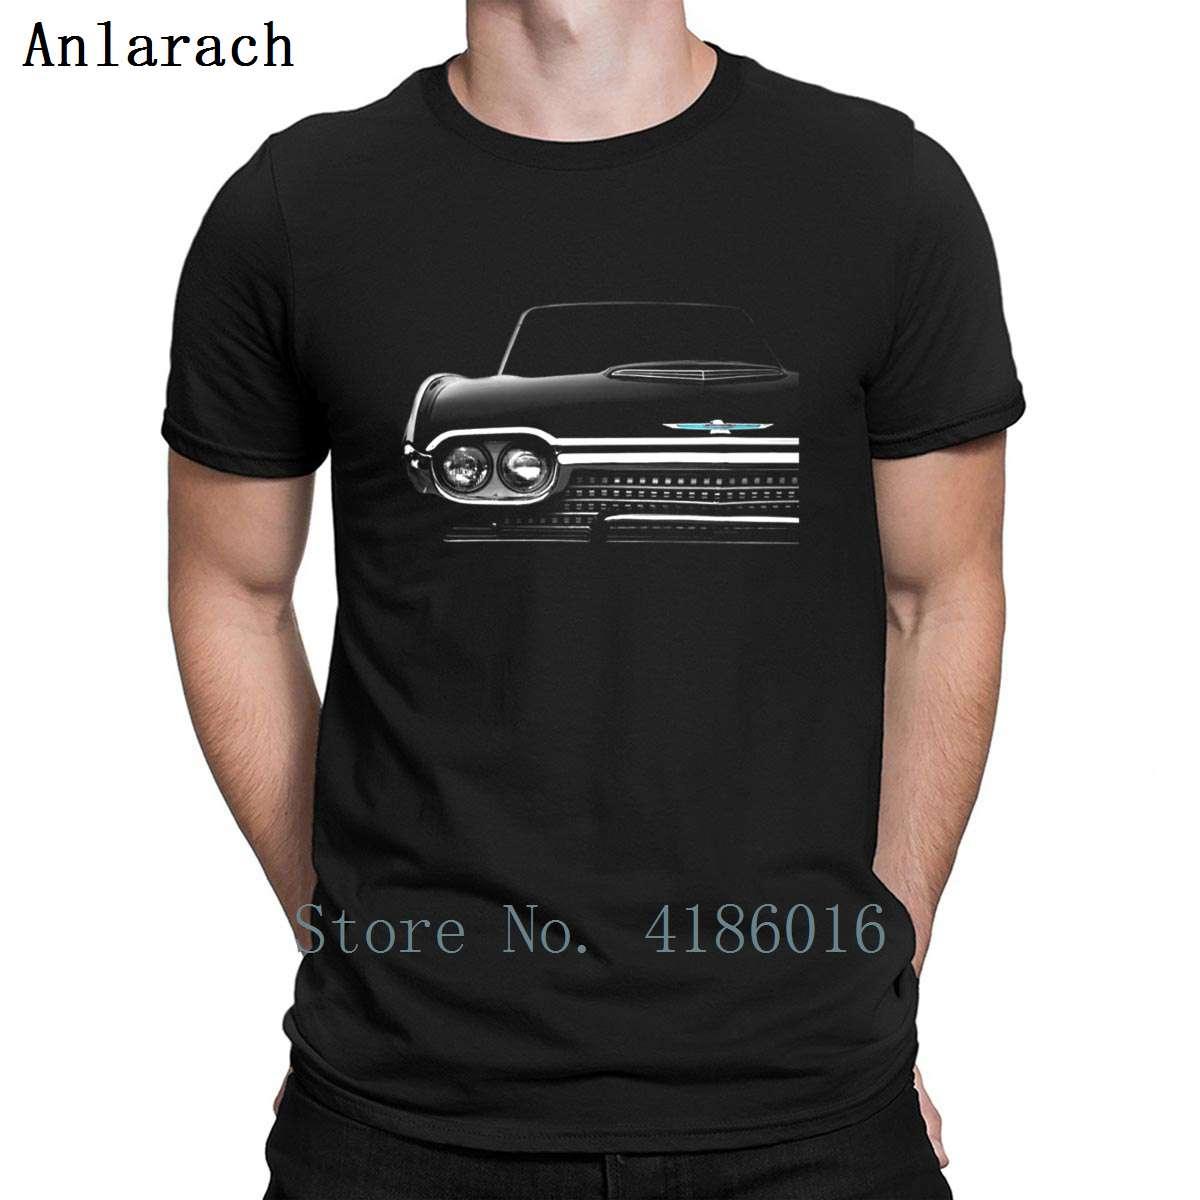 1962 fordes alto contraste t camisa de fitness moda camiseta estilo verão letras novidade personalizado tamanho euro S-5xl camisa